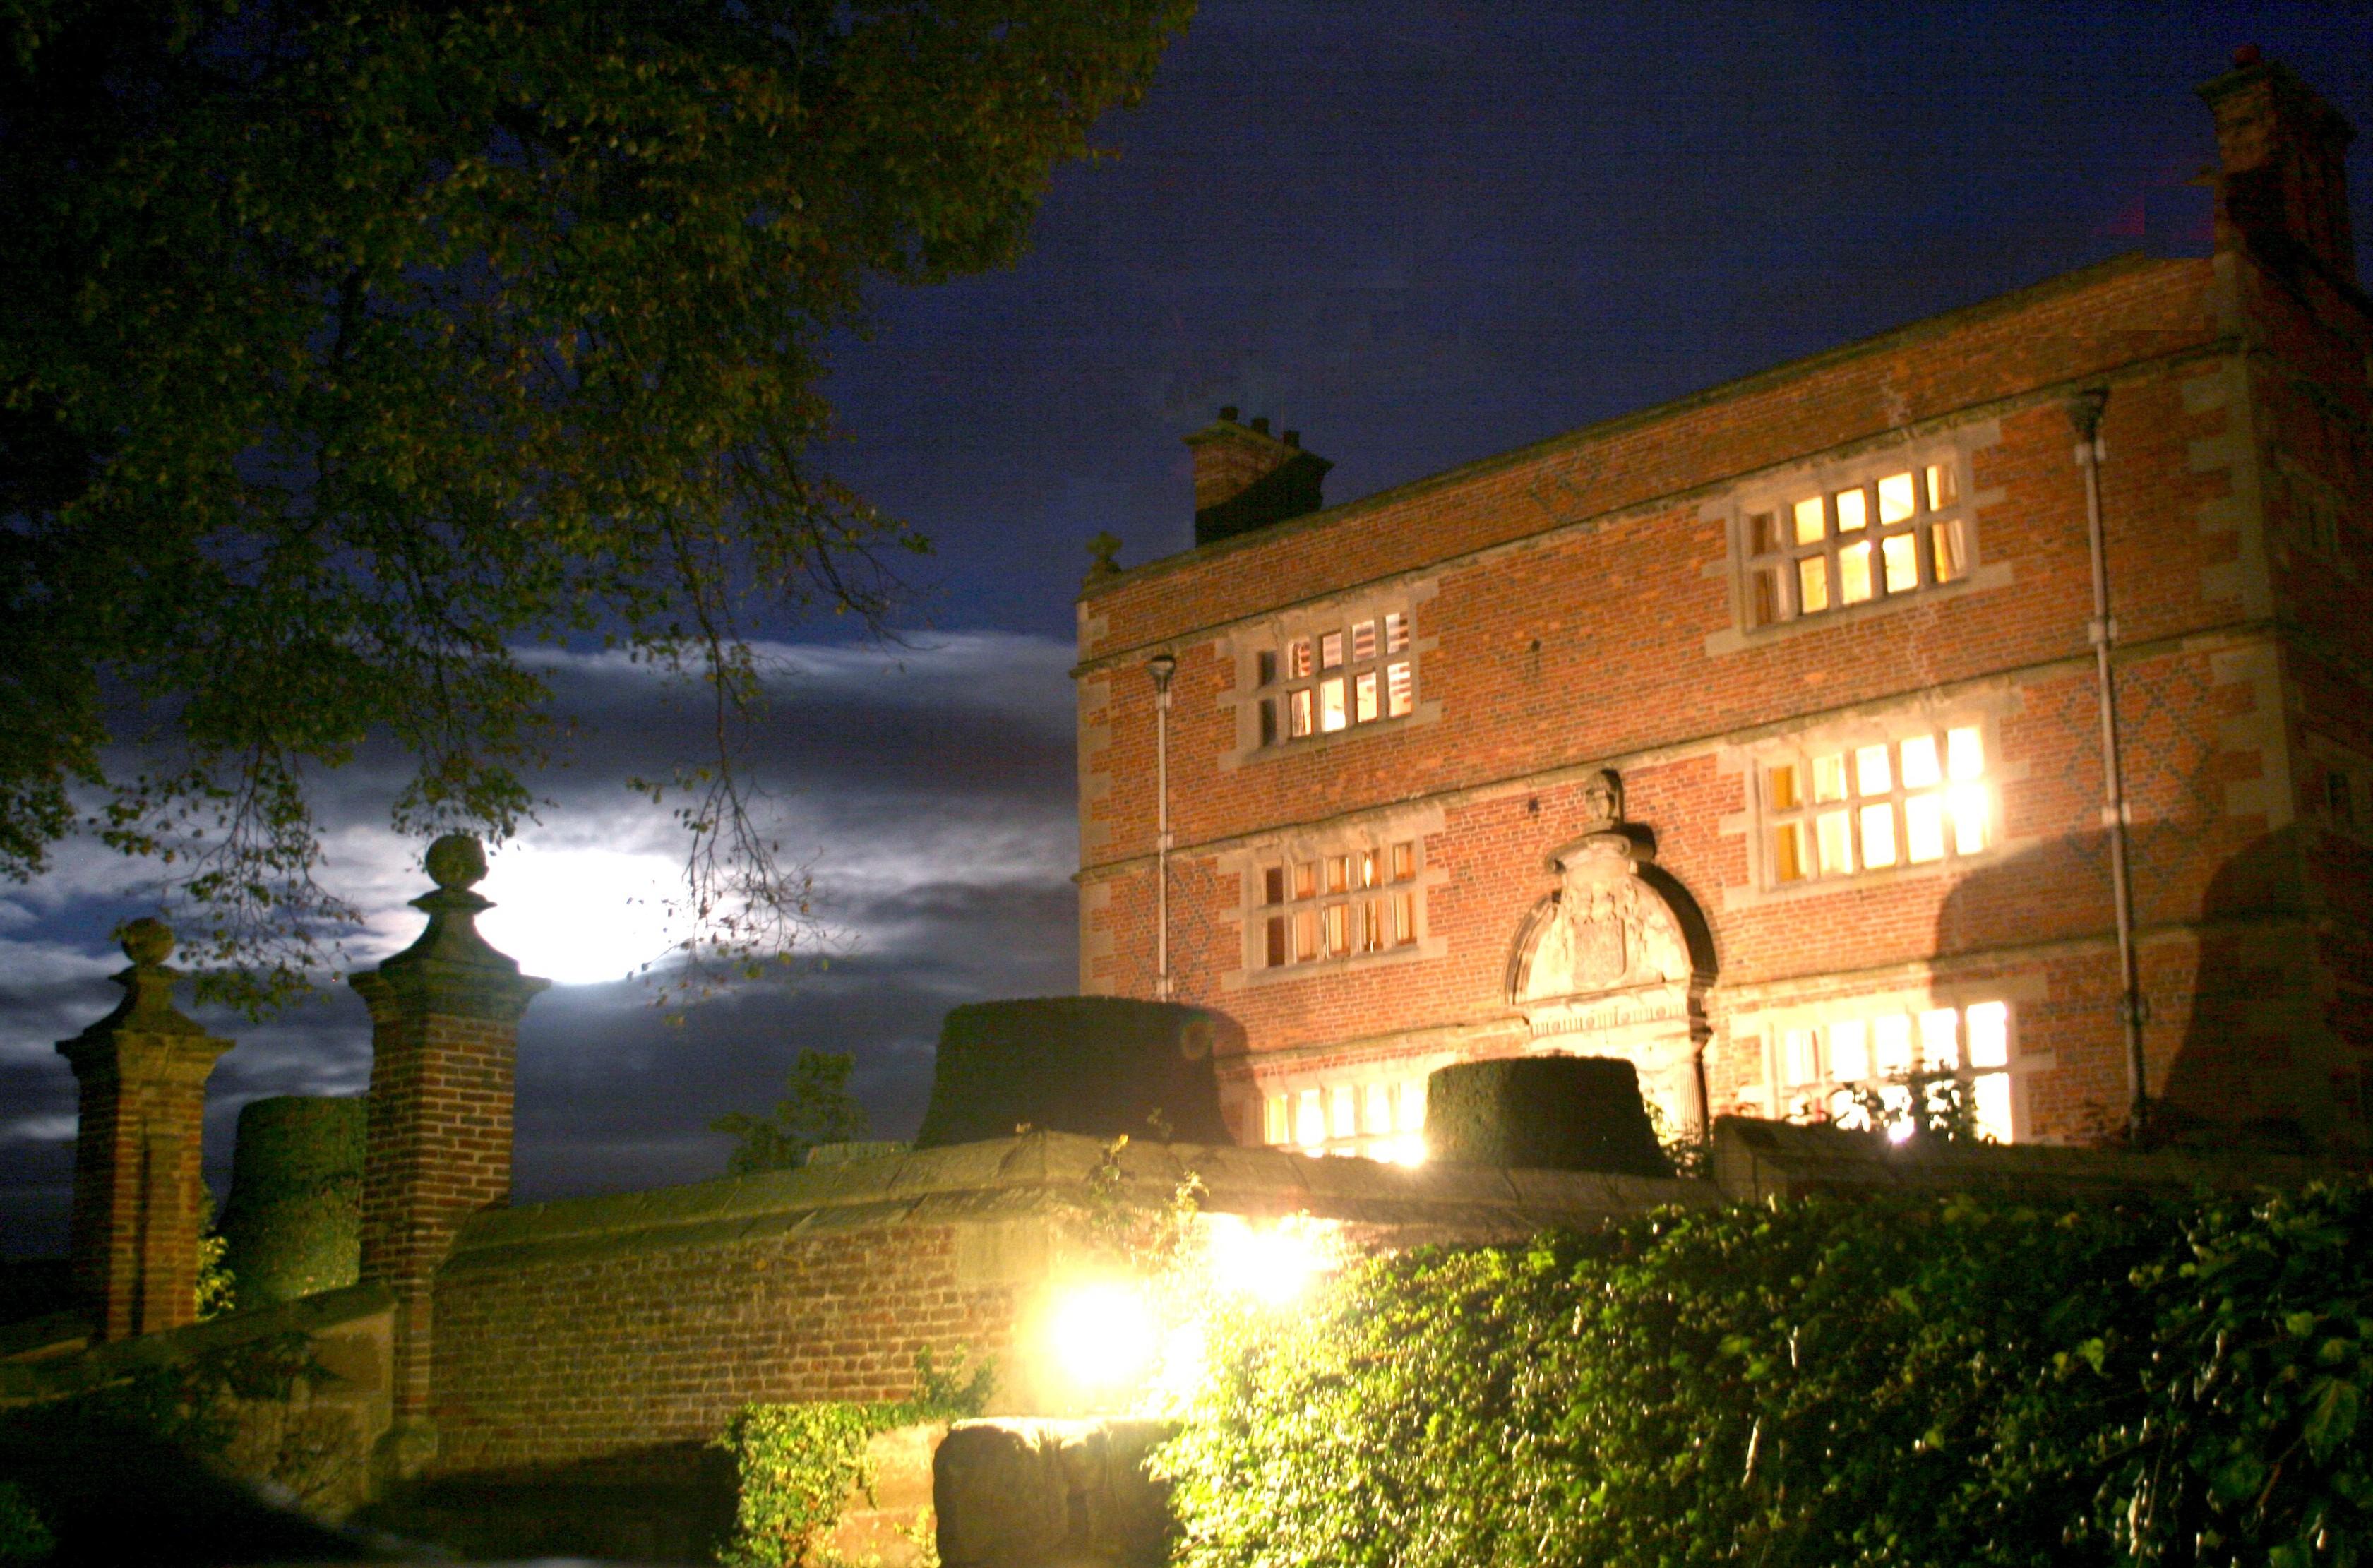 Soulton Hall at Night